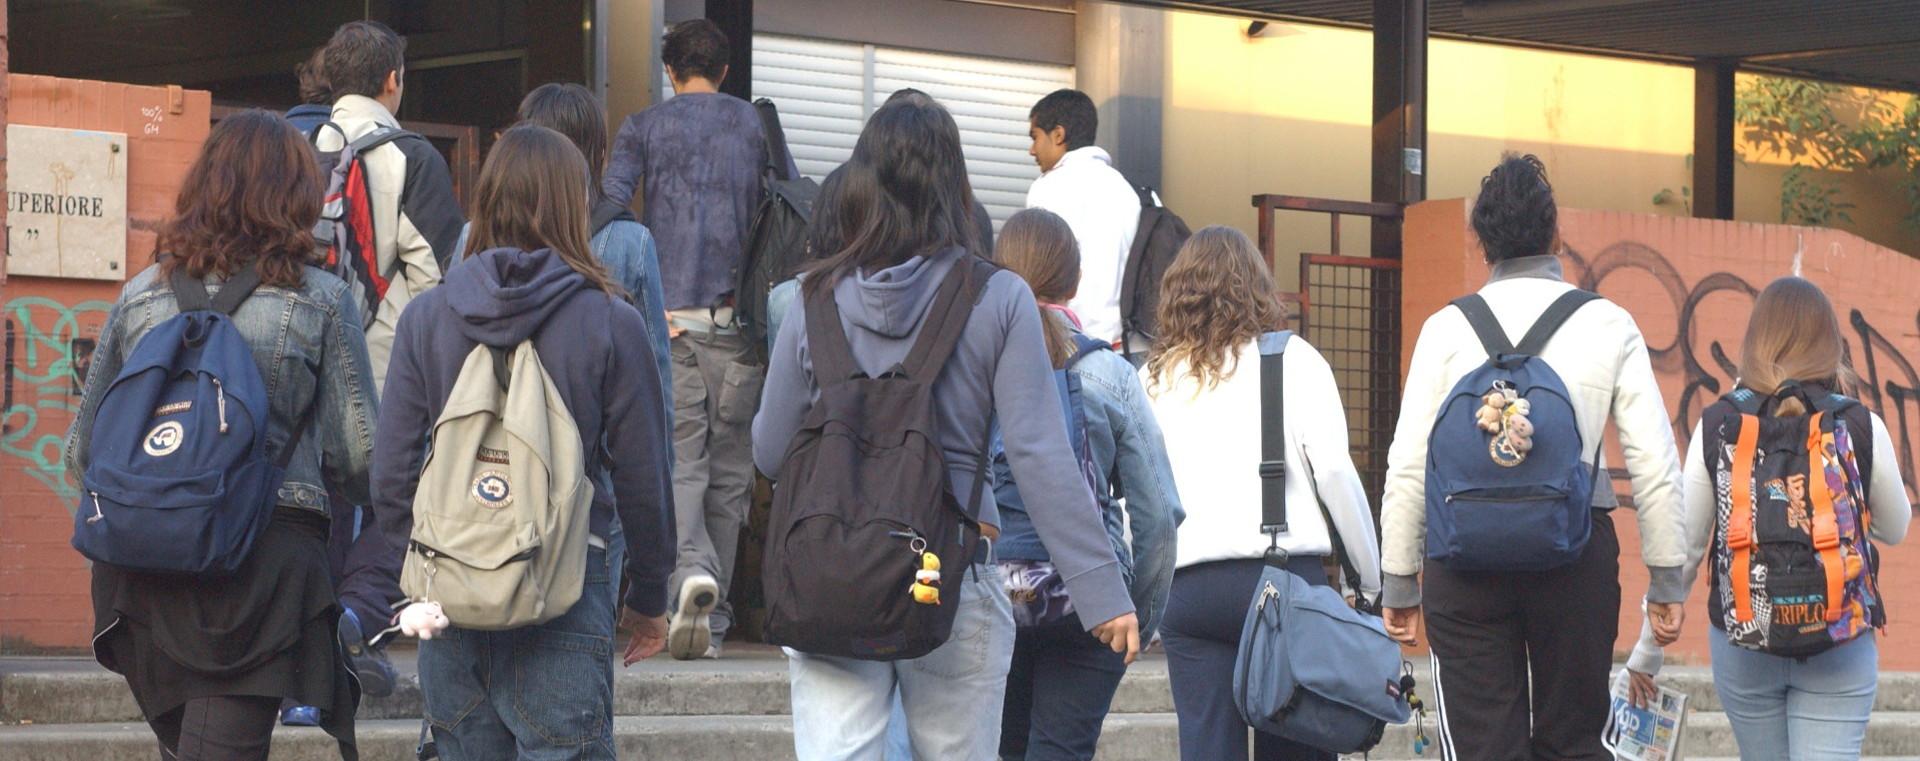 Foto: studenti che entrano a scuola. Archivio Città metropolitana di Bologna